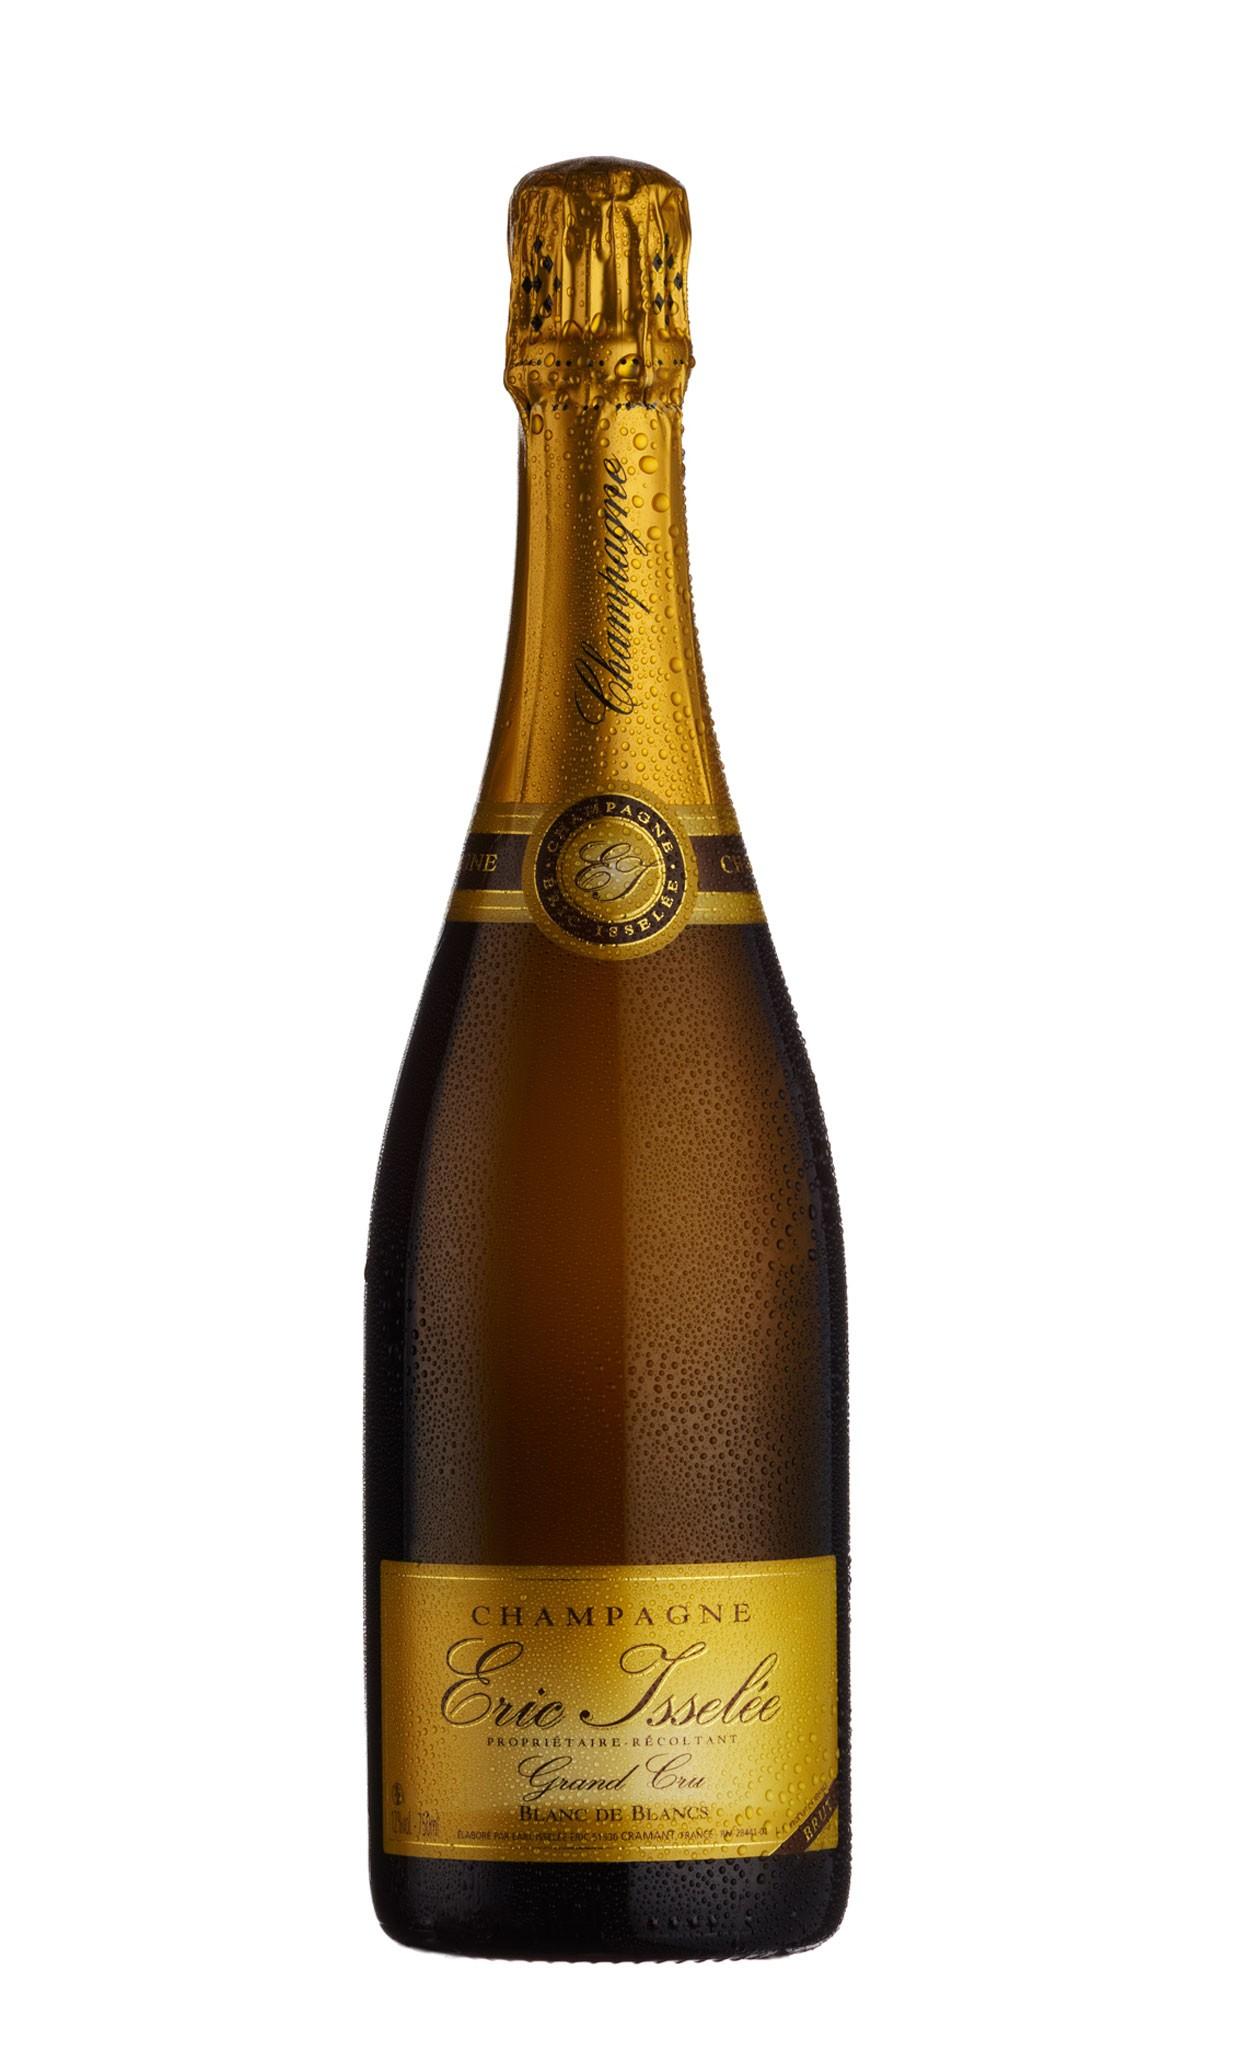 Champagne Grand Cru Eric Isselée Magnum